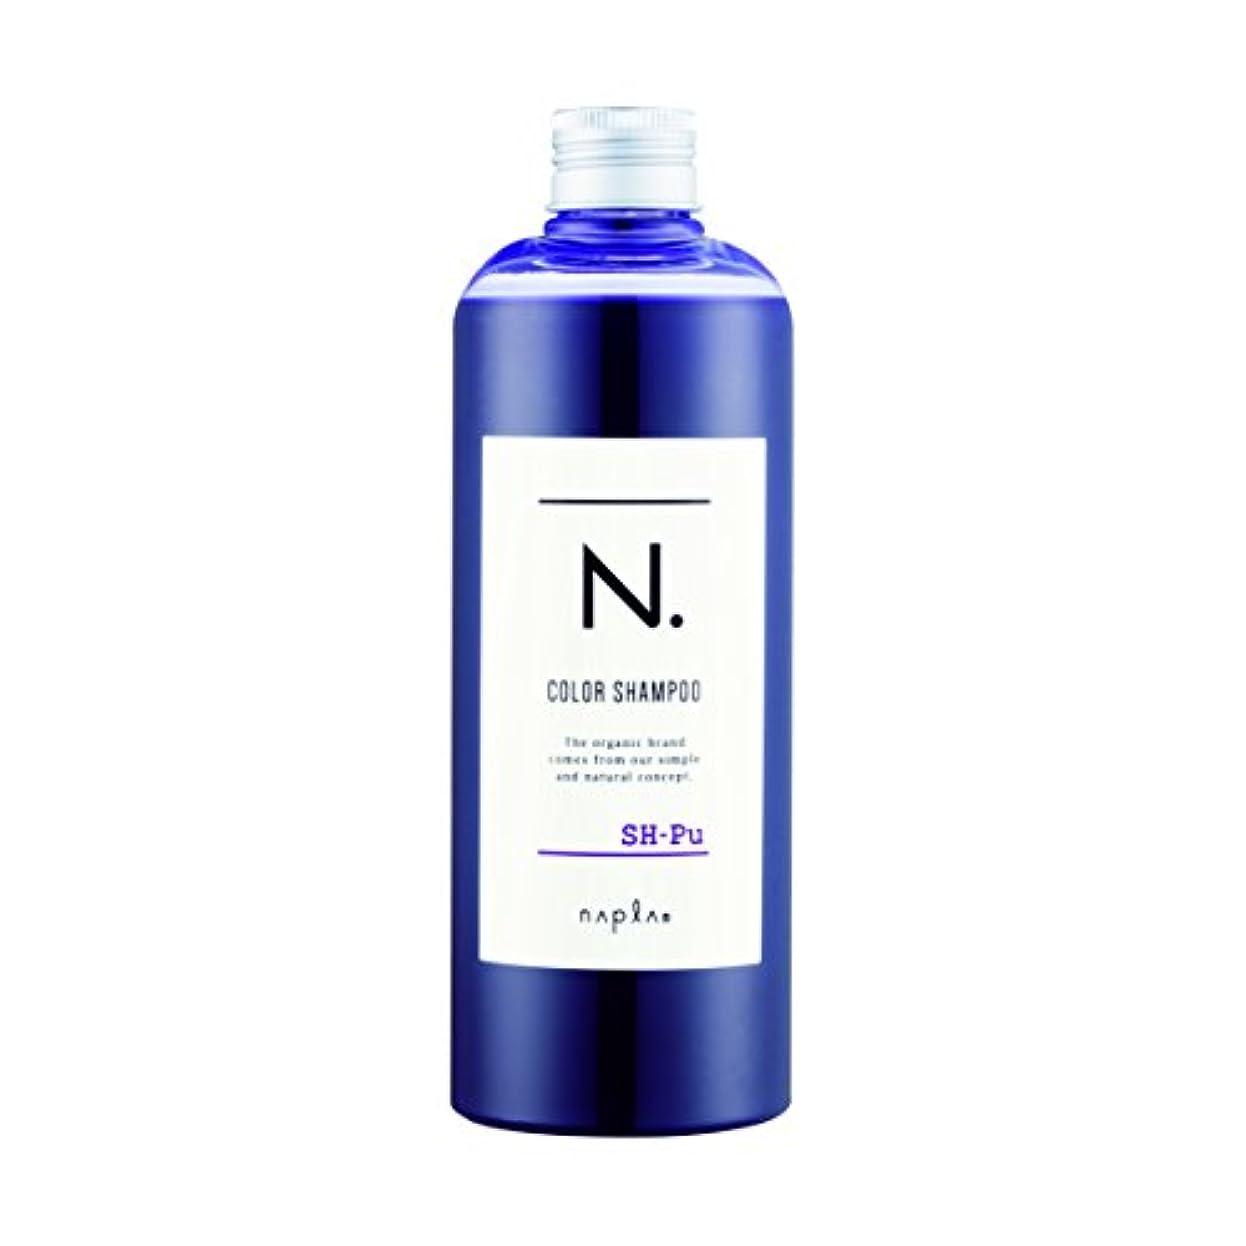 規定香水後方にナプラ N. エヌドット カラーシャンプー Pu パープル 320ml